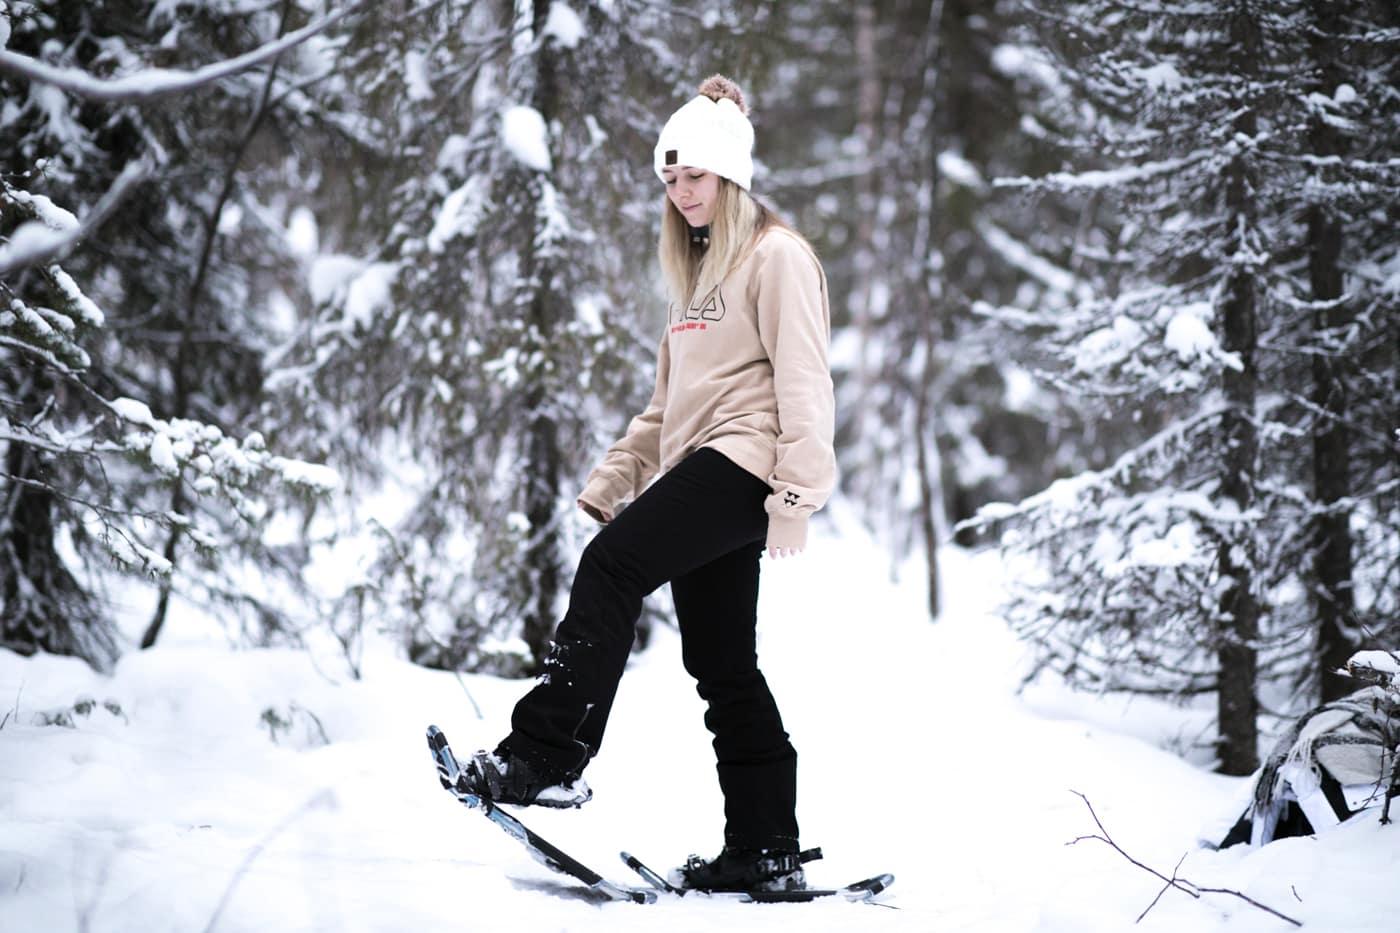 ID5A6168 2 - Récap de notre voyage en Laponie Finlandaise